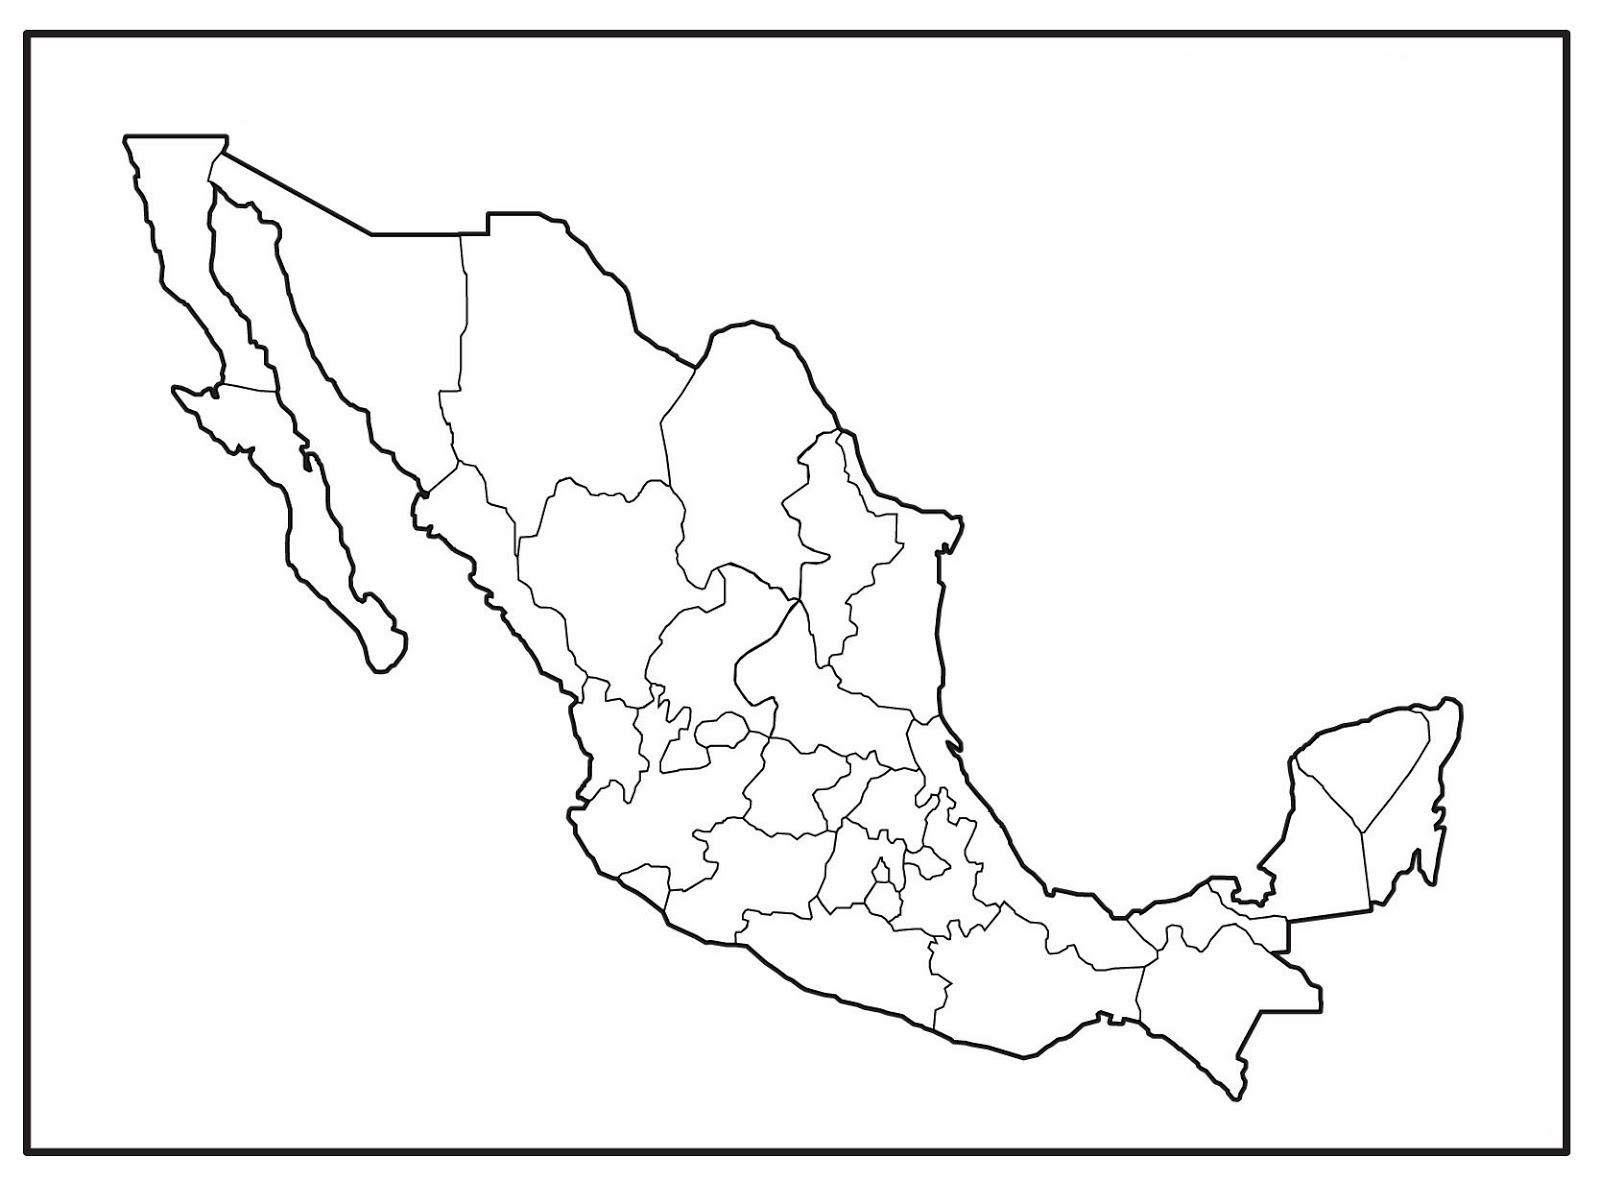 Free coloring pages of mapa republica mexicana - Significado de los colores de las rosas ...